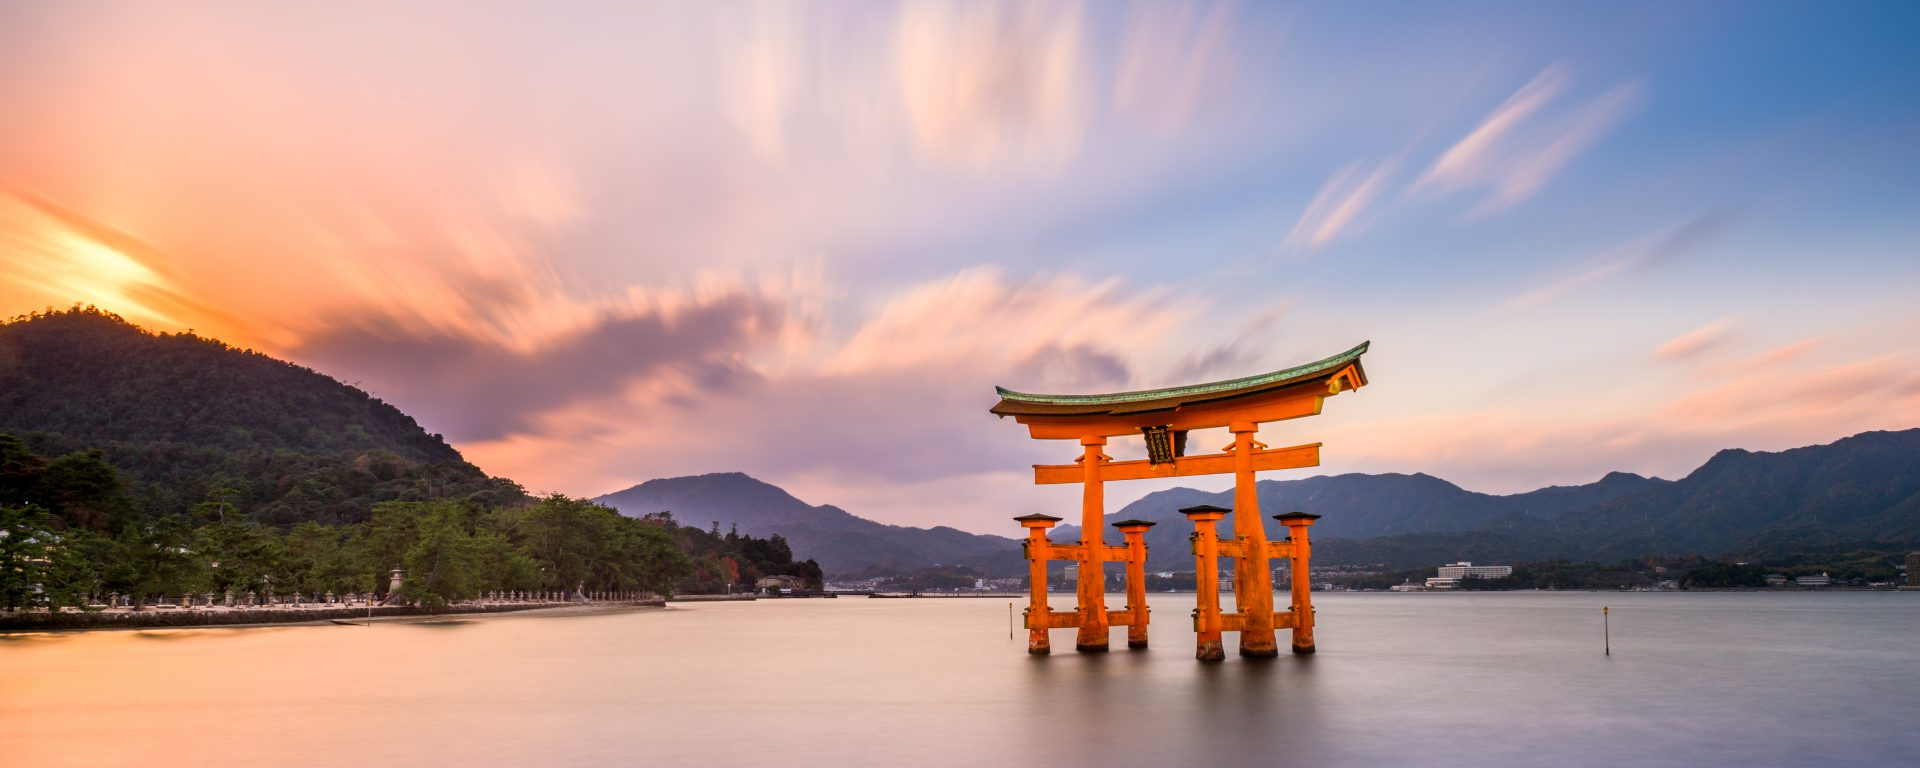 【來一場廣島.深度之旅】TOP15 廣島住宿 全攻略 – – AsiaYo部落格